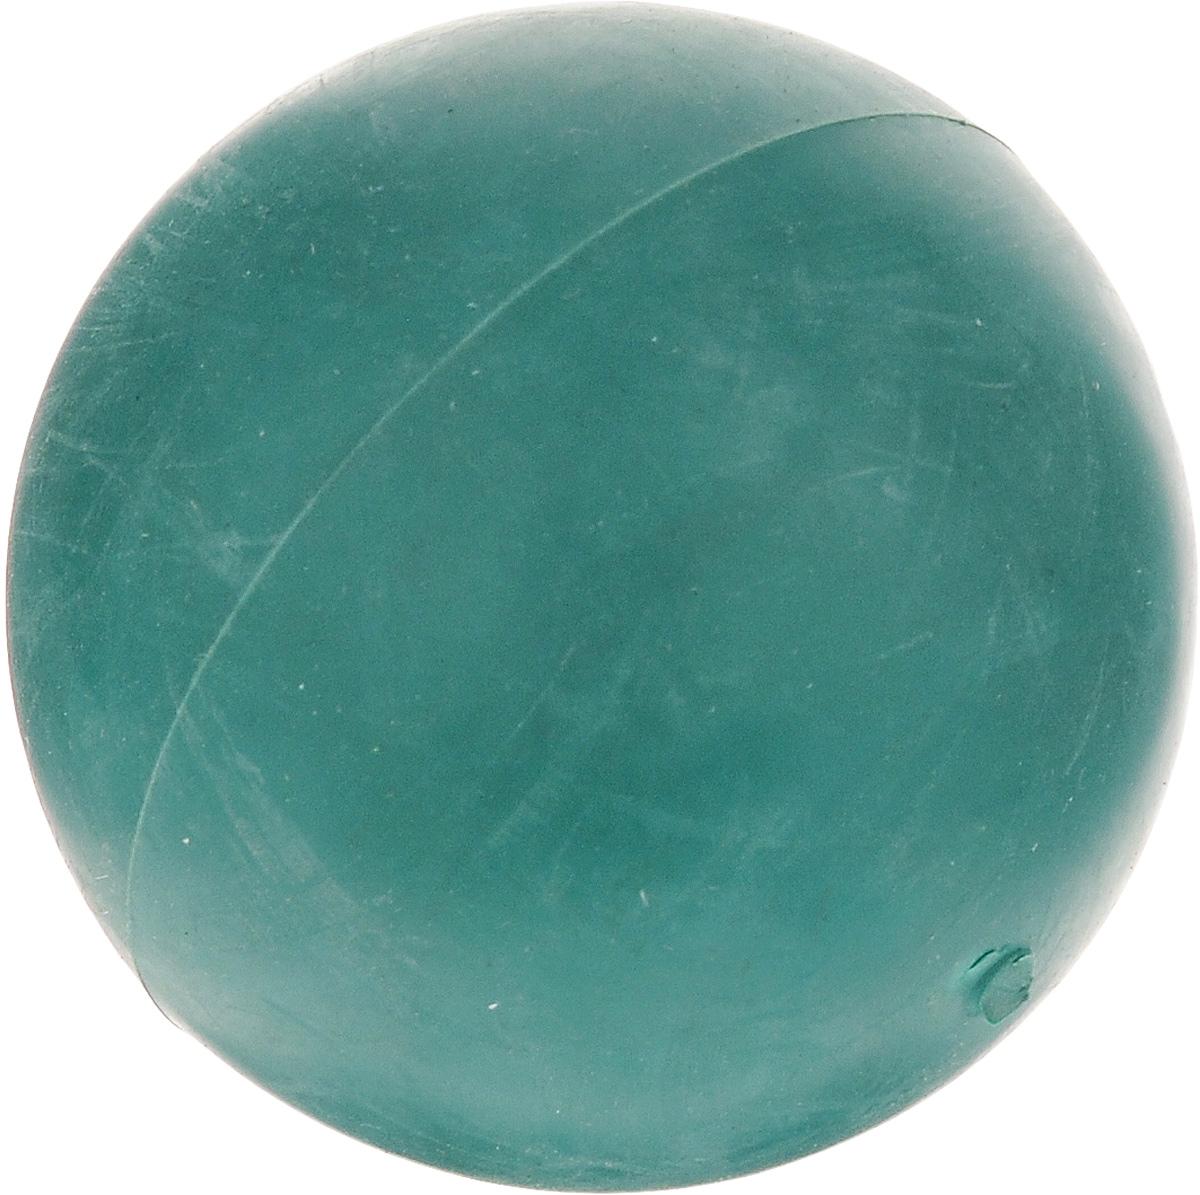 Игрушка для собак ЗооМарк Мячик, цвет: зеленый, диаметр 6,5 смД-65Игрушка для собак ЗооМарк, изготовленная из высококачественной резины, выполнена в виде мячика. Изделие устойчиво к разгрызанию. Такая игрушка порадует вашего любимца, а вам доставит массу приятных эмоций, ведь наблюдать за игрой всегда интересно и приятно. Оставшись в одиночестве, ваша собака будет увлеченно играть. Диаметр: 6,5 см.